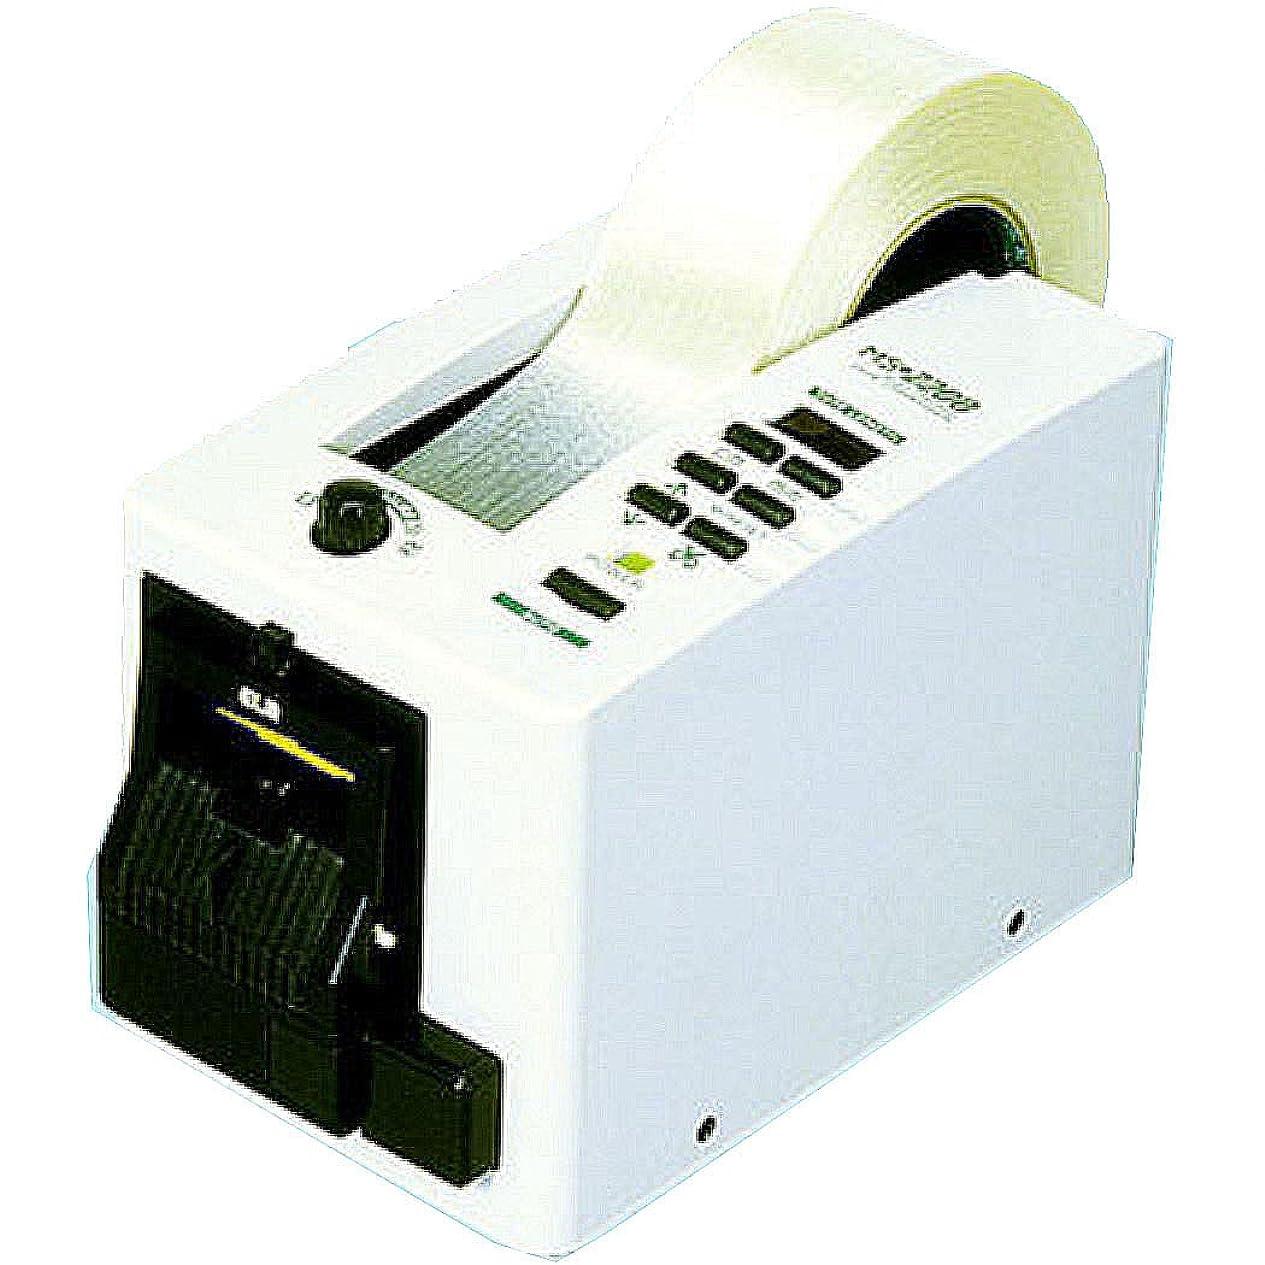 強化収束スペクトラムエルム 電子テープカッター ディスペンサー MS-2200 安全ガード+長さメモリー(3種)付き(特許取得) ㈱エクト製